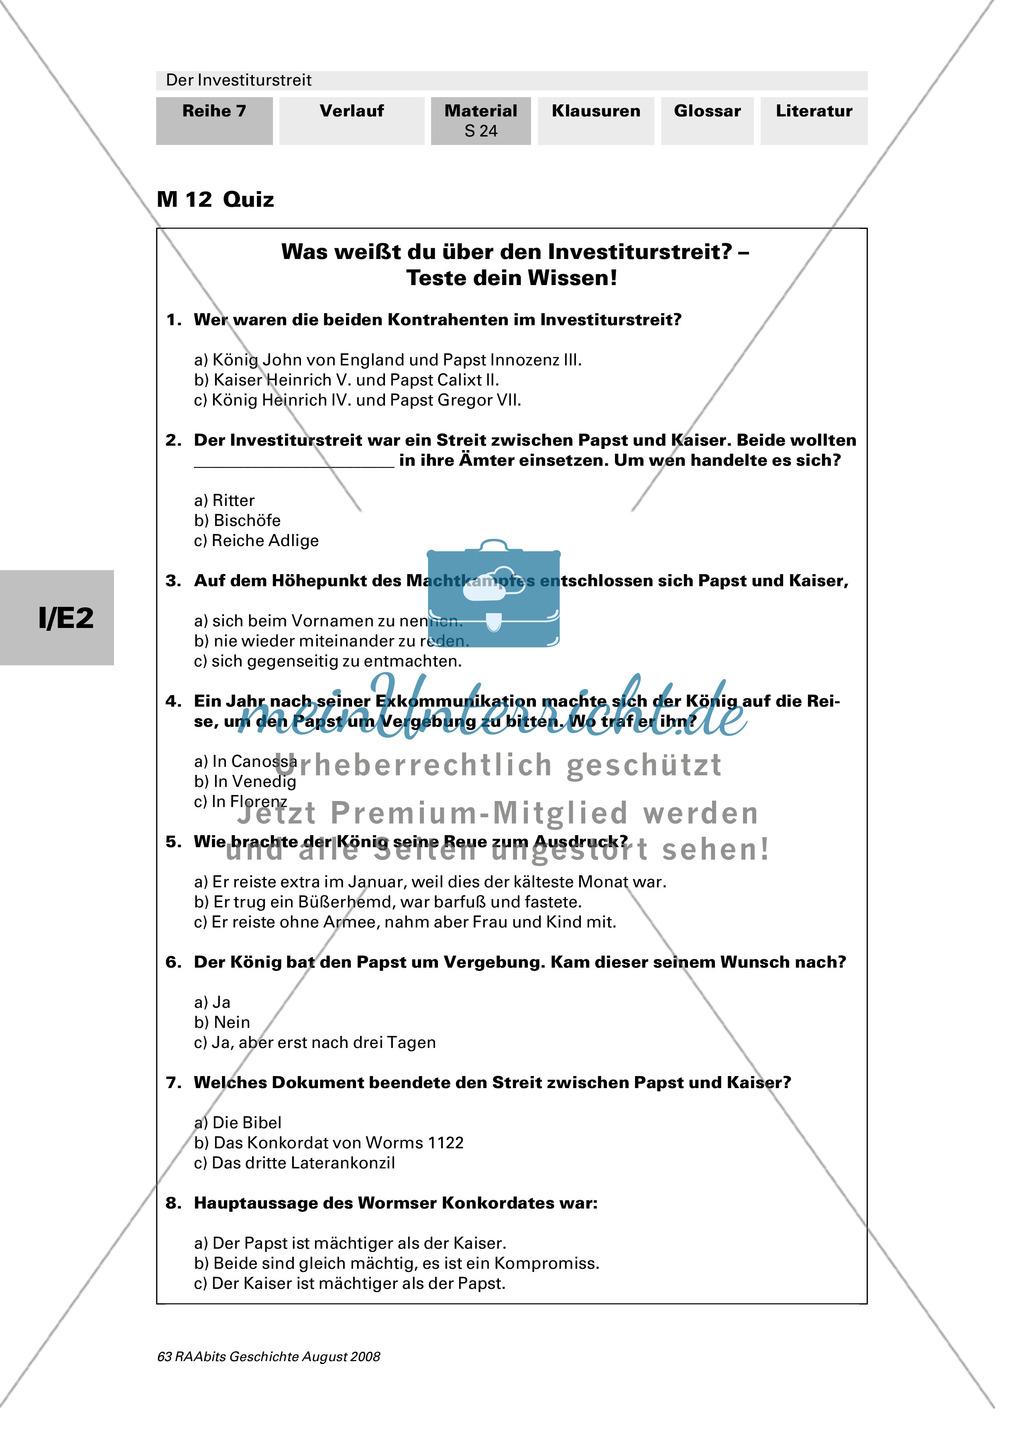 Der Investiturstreit: Lernerfolgskontrolle in Form eines Rollenspiels und eines Quiz Preview 3